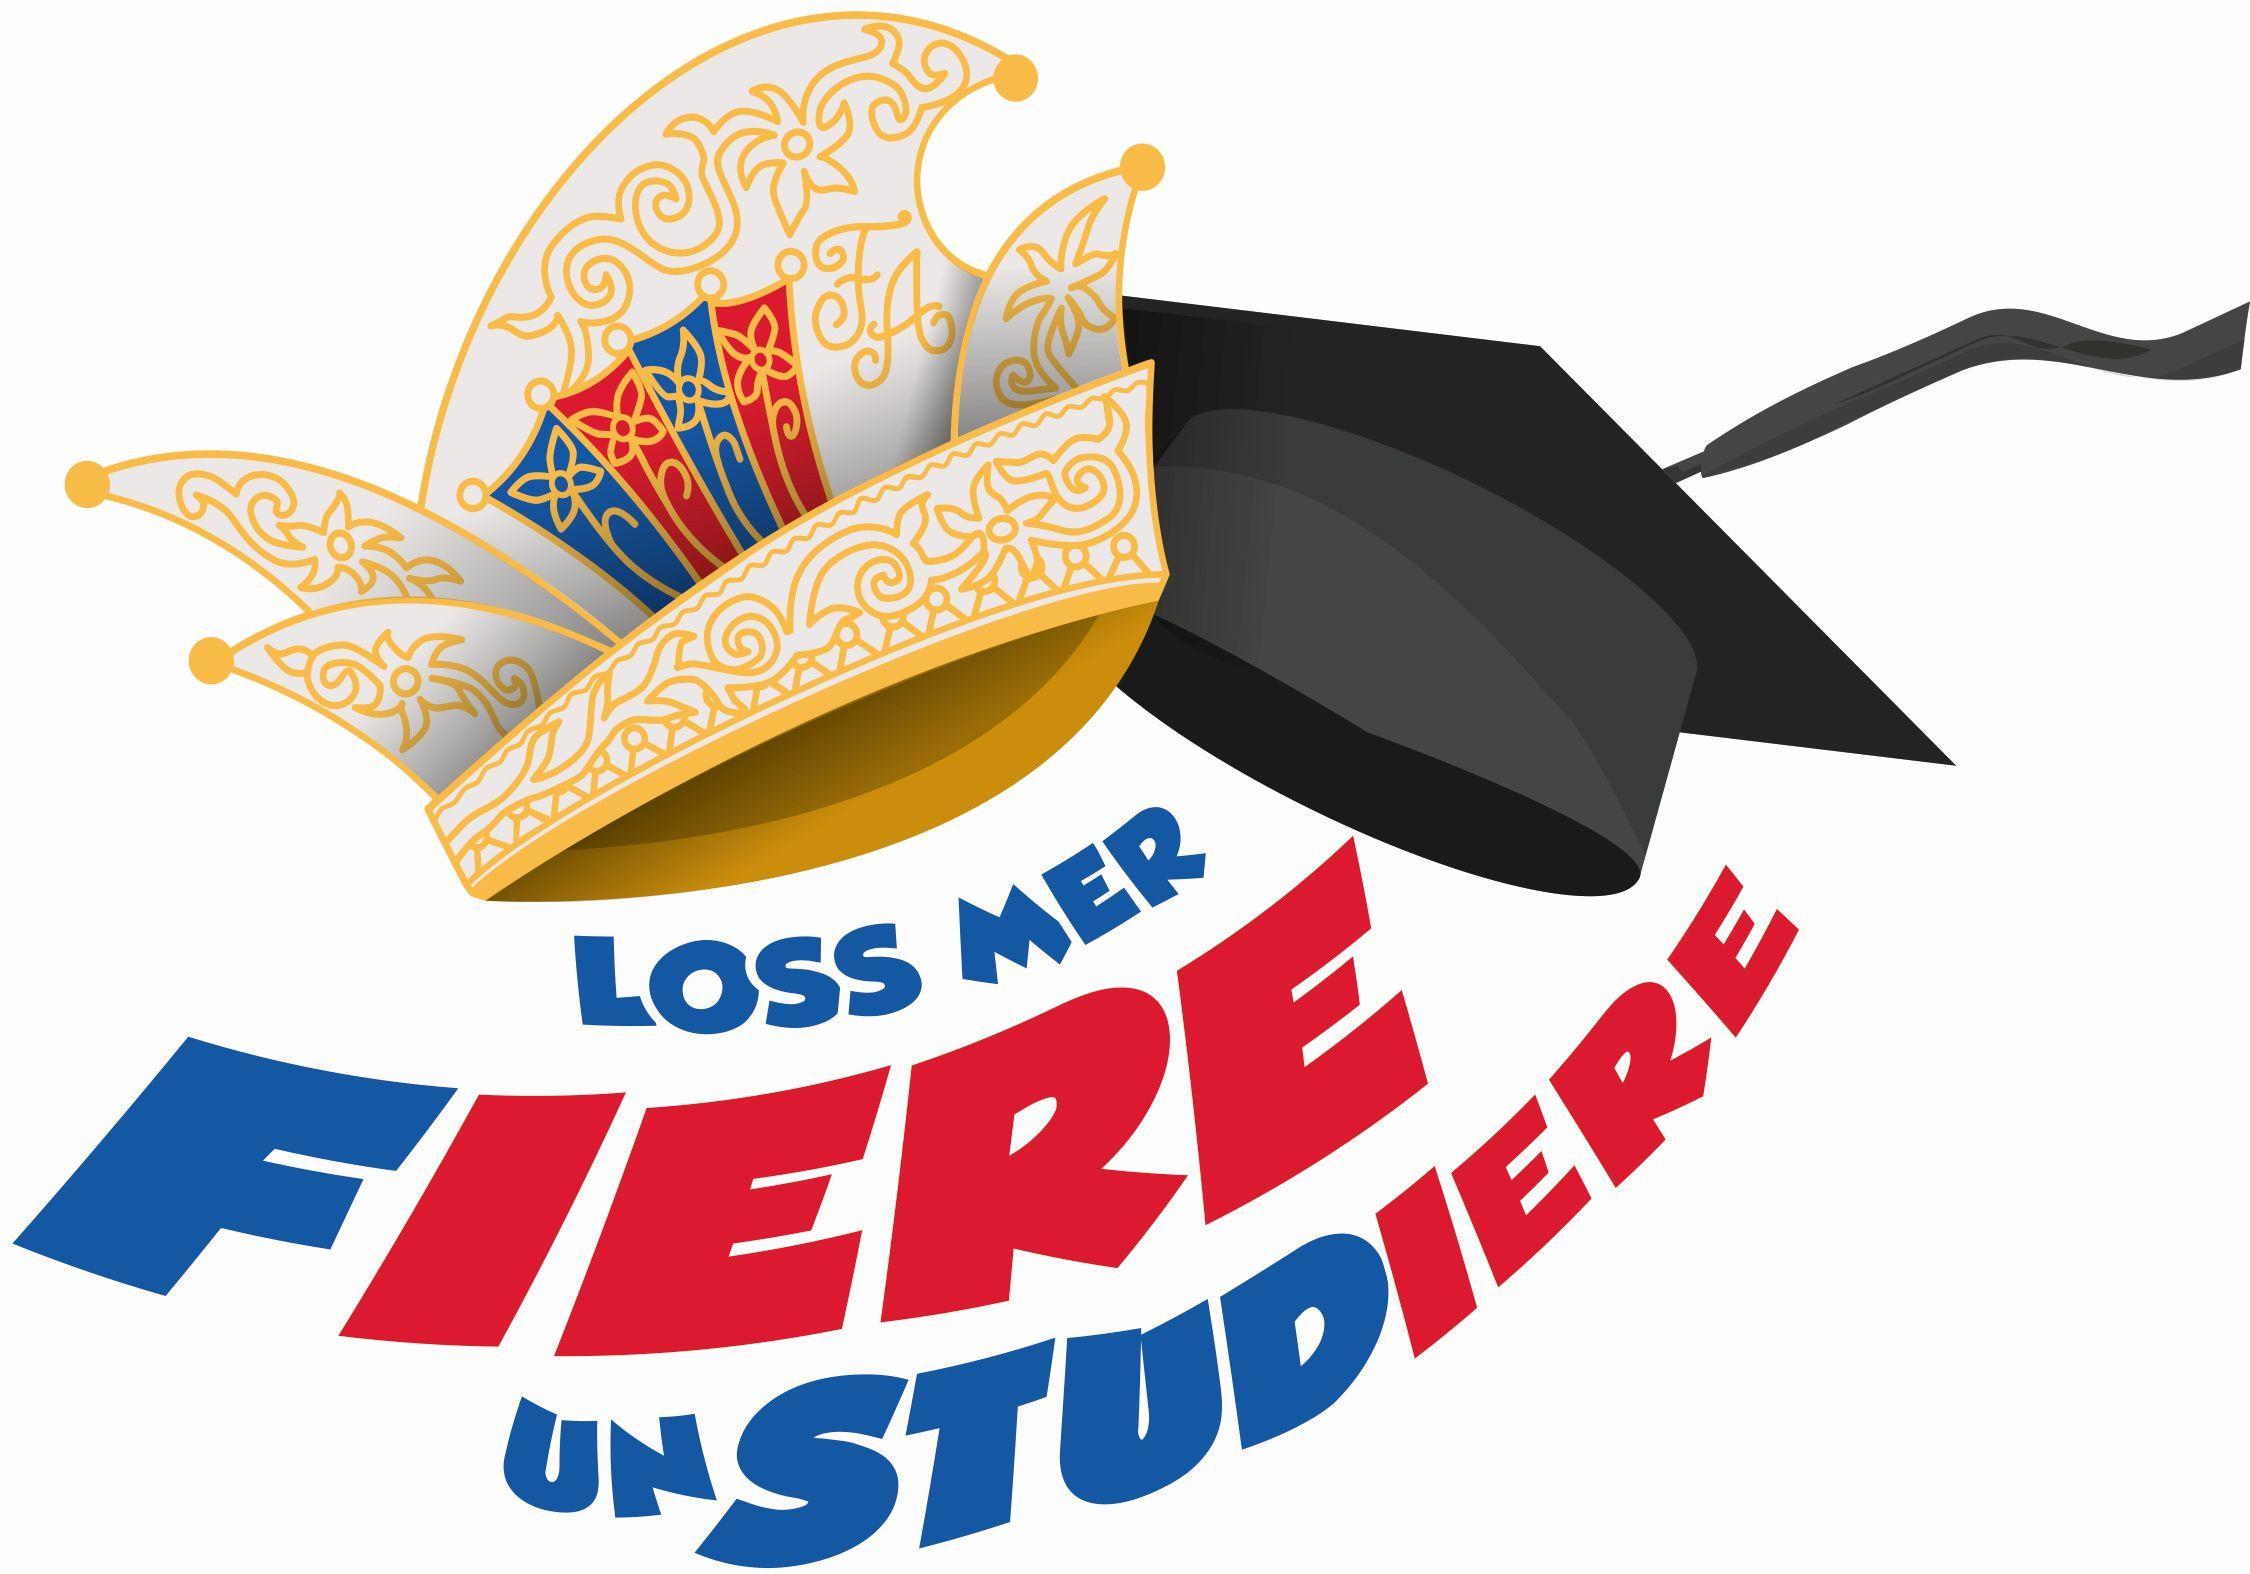 Motto 2018: 190 JOHR DE ZOCH KÜTT 200 JOHR UNI BONN LOSS MER FIERE un STUDIERE